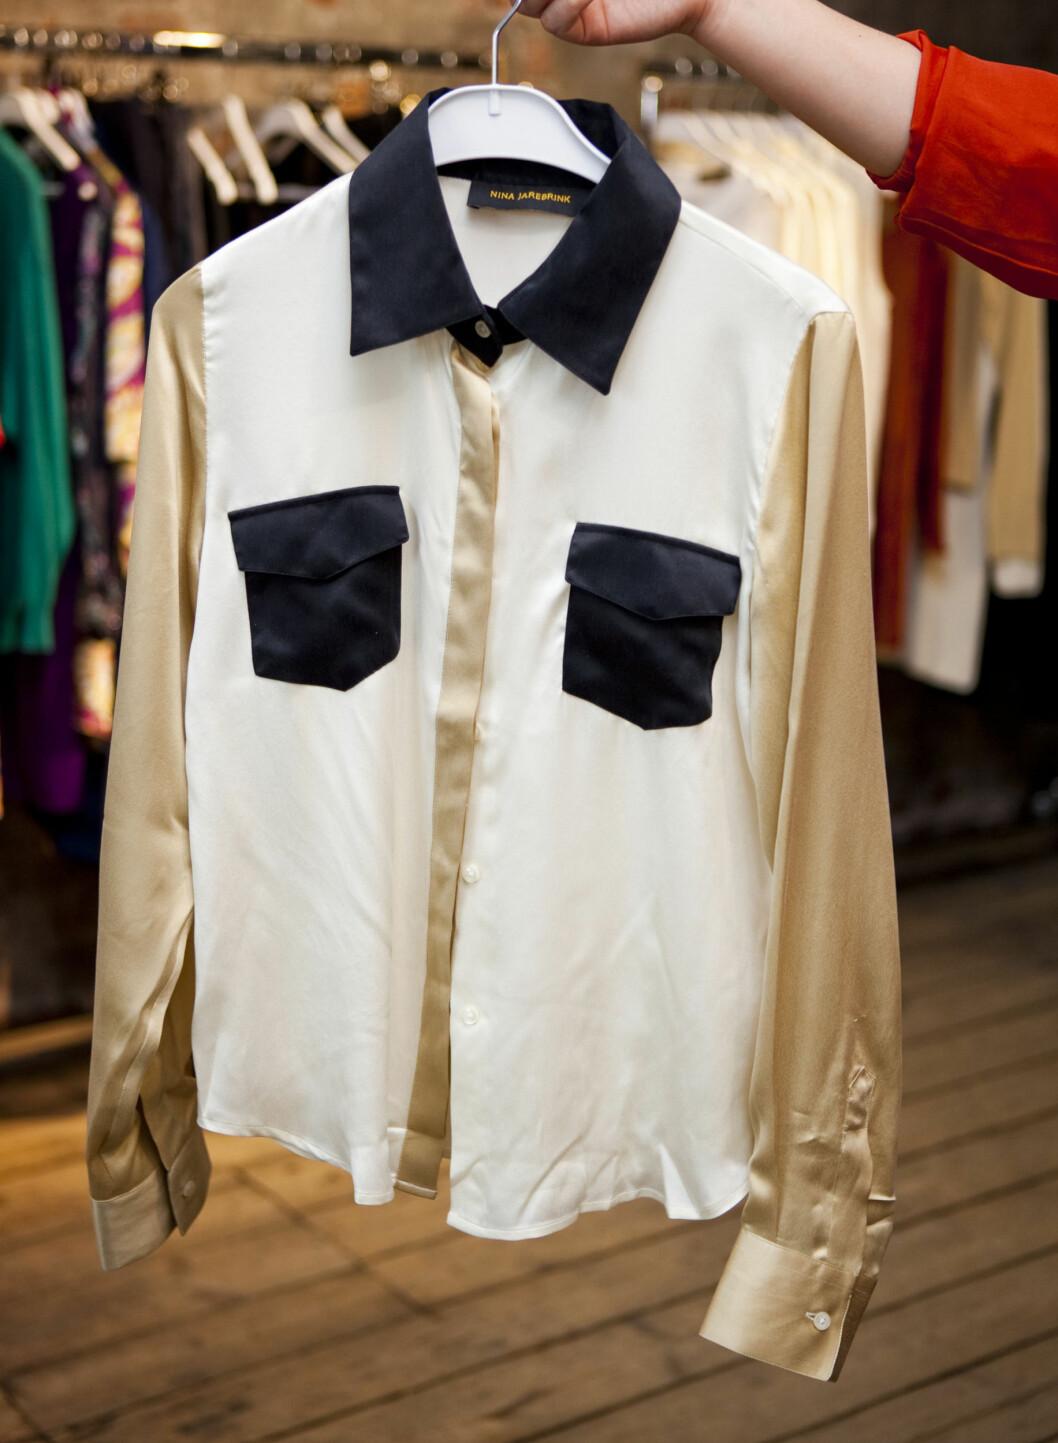 Silkebluse fra Nina Jarebrink. - Denne blusen med kontrastkrage og -lommer er høyt på ønskelisten. Foto: Per Ervland